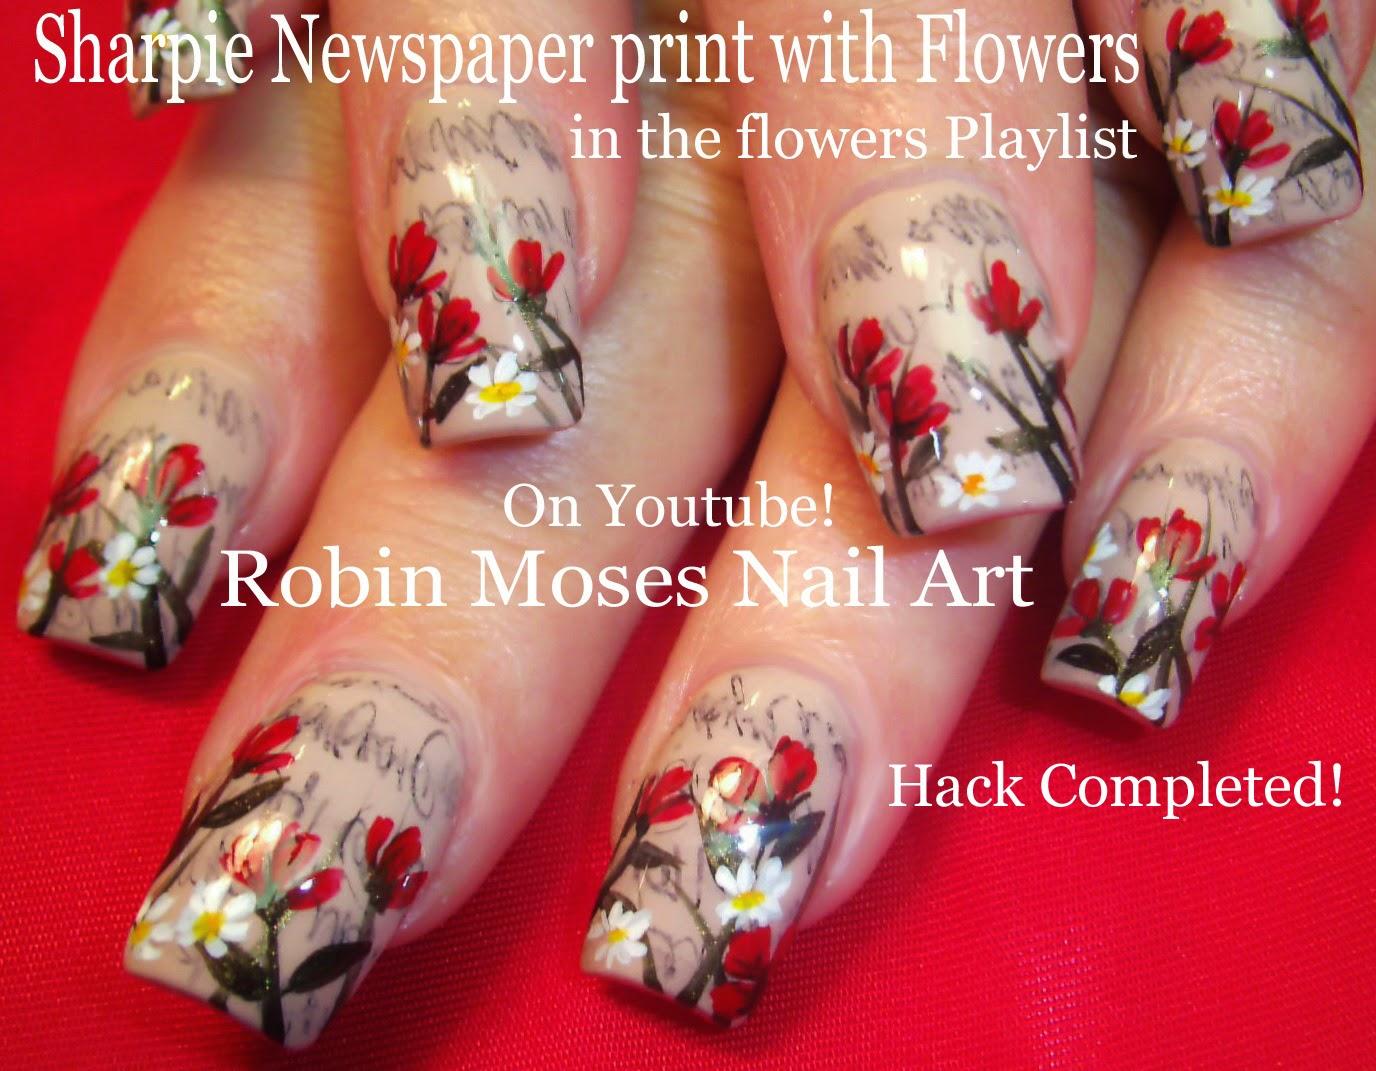 Robin Moses Nail Art: Sharpie Nail Art Hack! Easy Nail Art ...